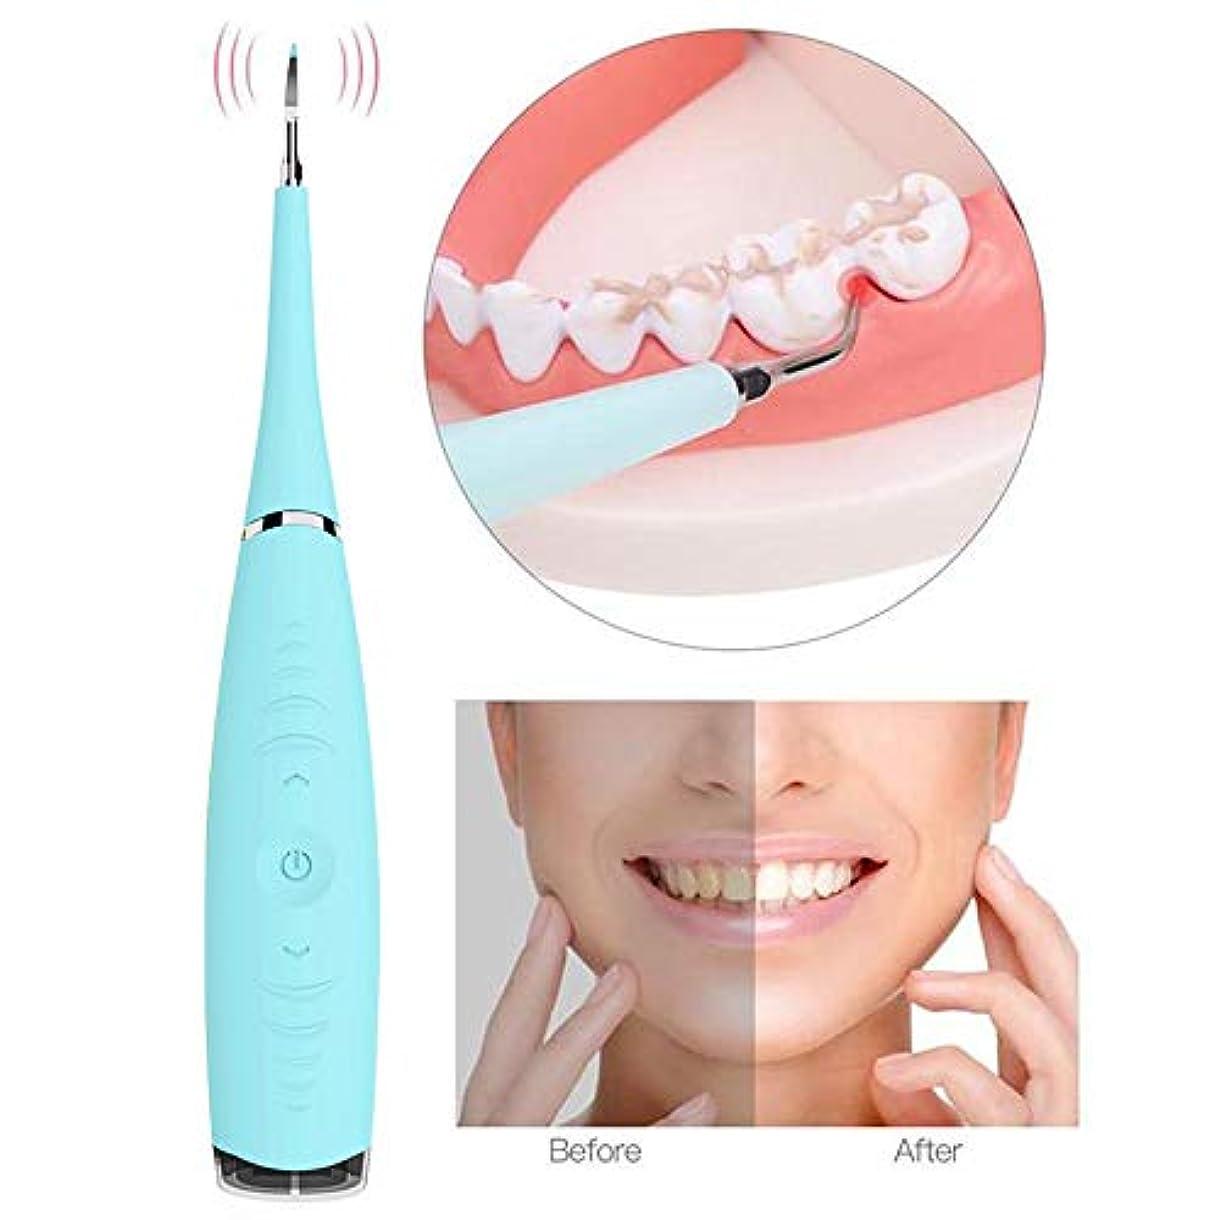 試験断線ヘビー歯石除去ホワイトニング歯石除去ポータブル家庭用歯石プラーク除去歯磨き粉用健康口腔衛生